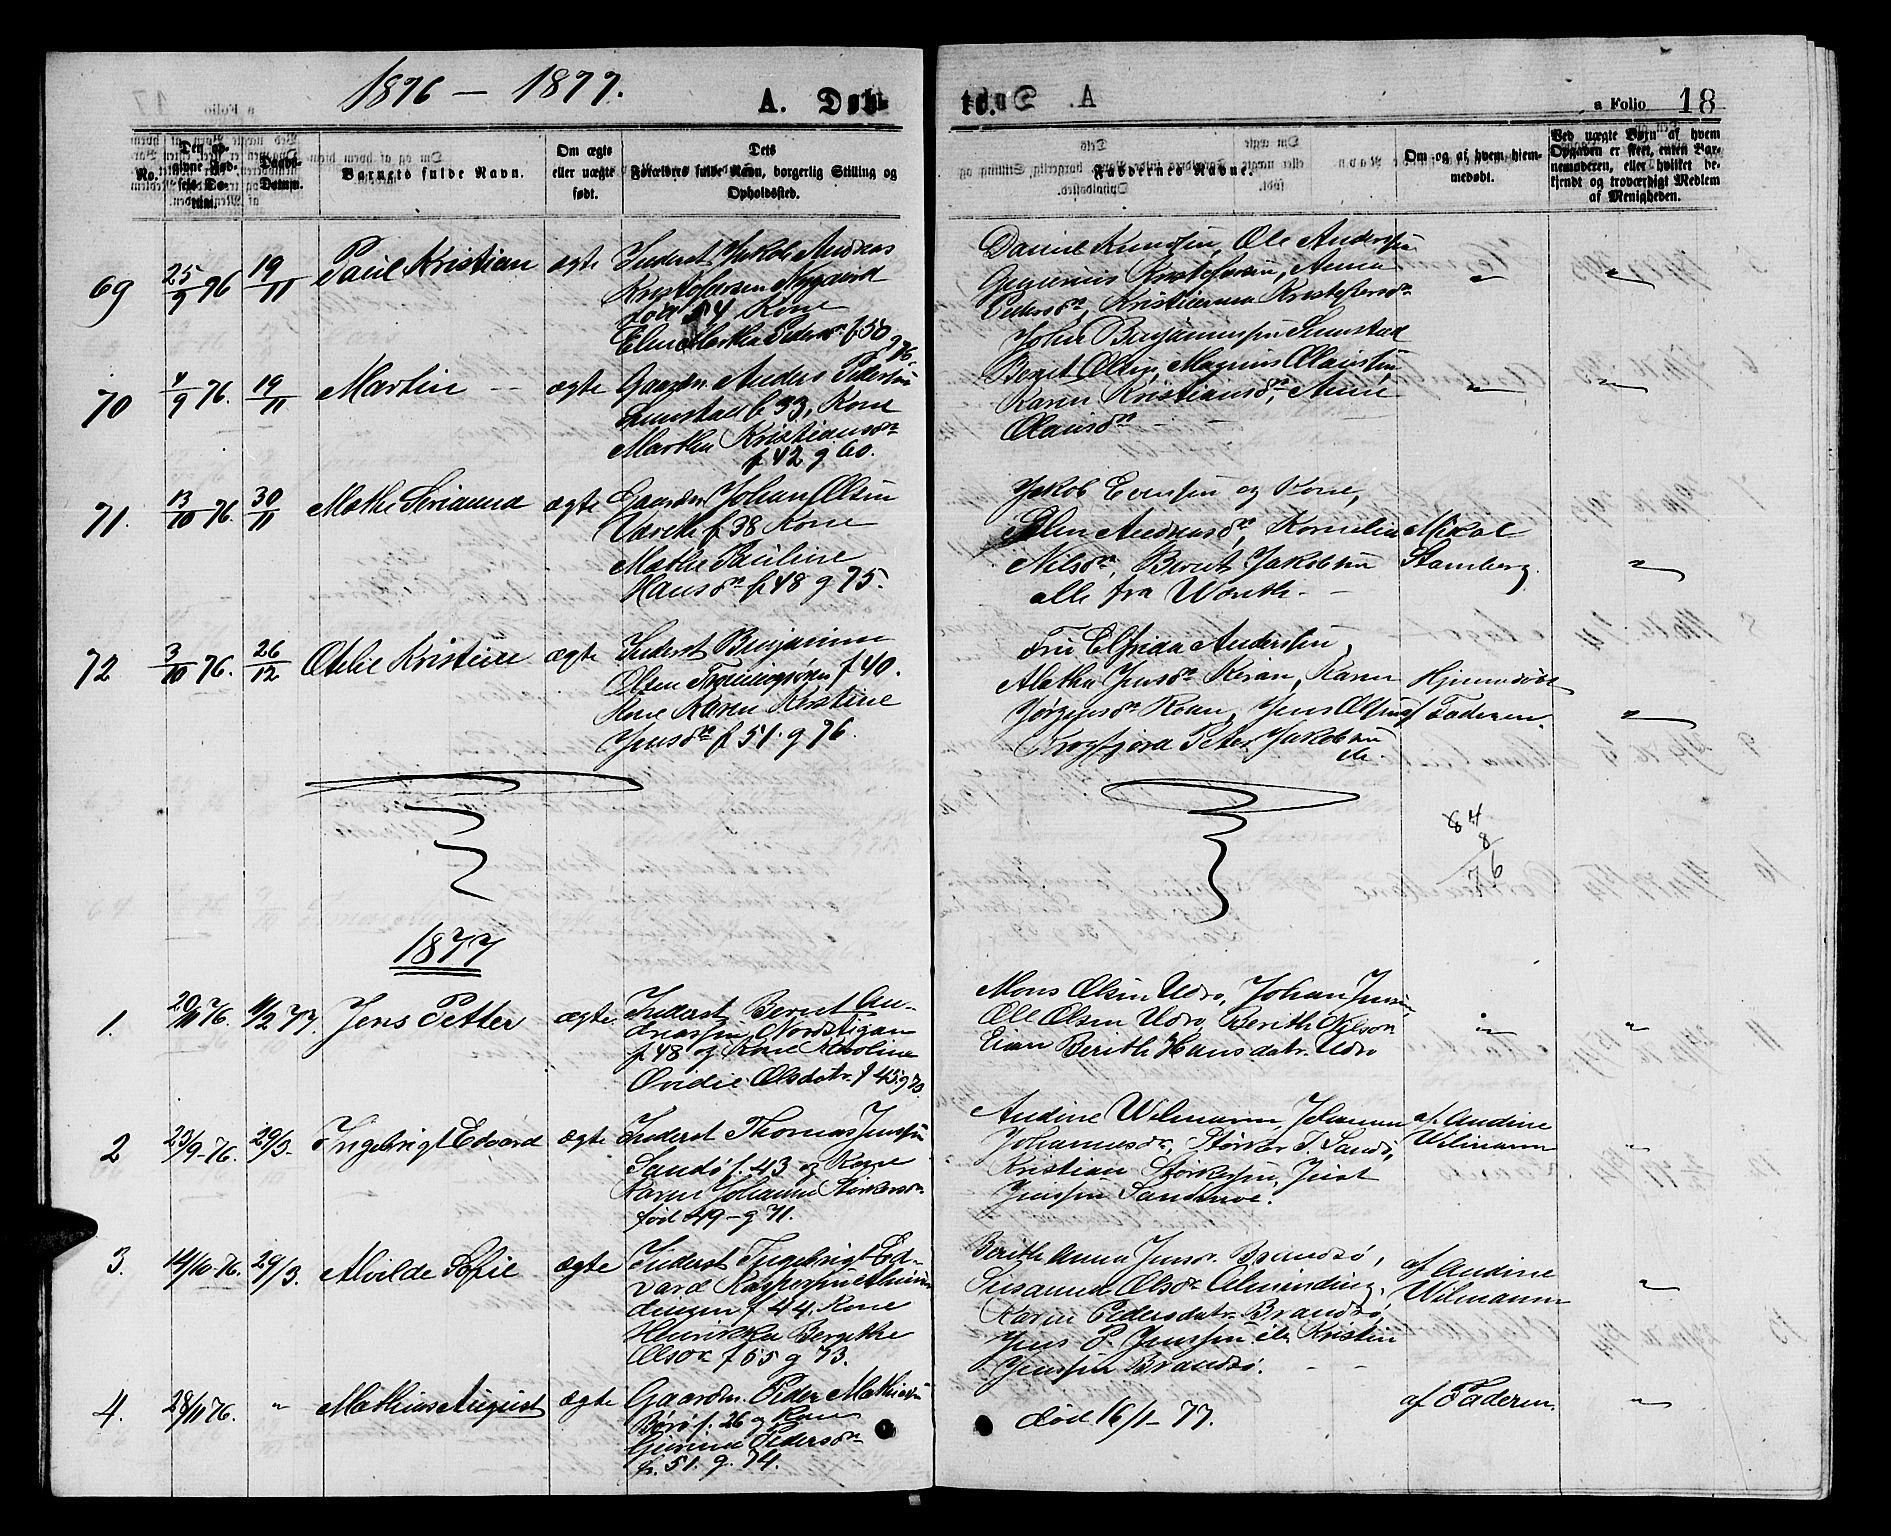 SAT, Ministerialprotokoller, klokkerbøker og fødselsregistre - Sør-Trøndelag, 657/L0715: Klokkerbok nr. 657C02, 1873-1888, s. 18